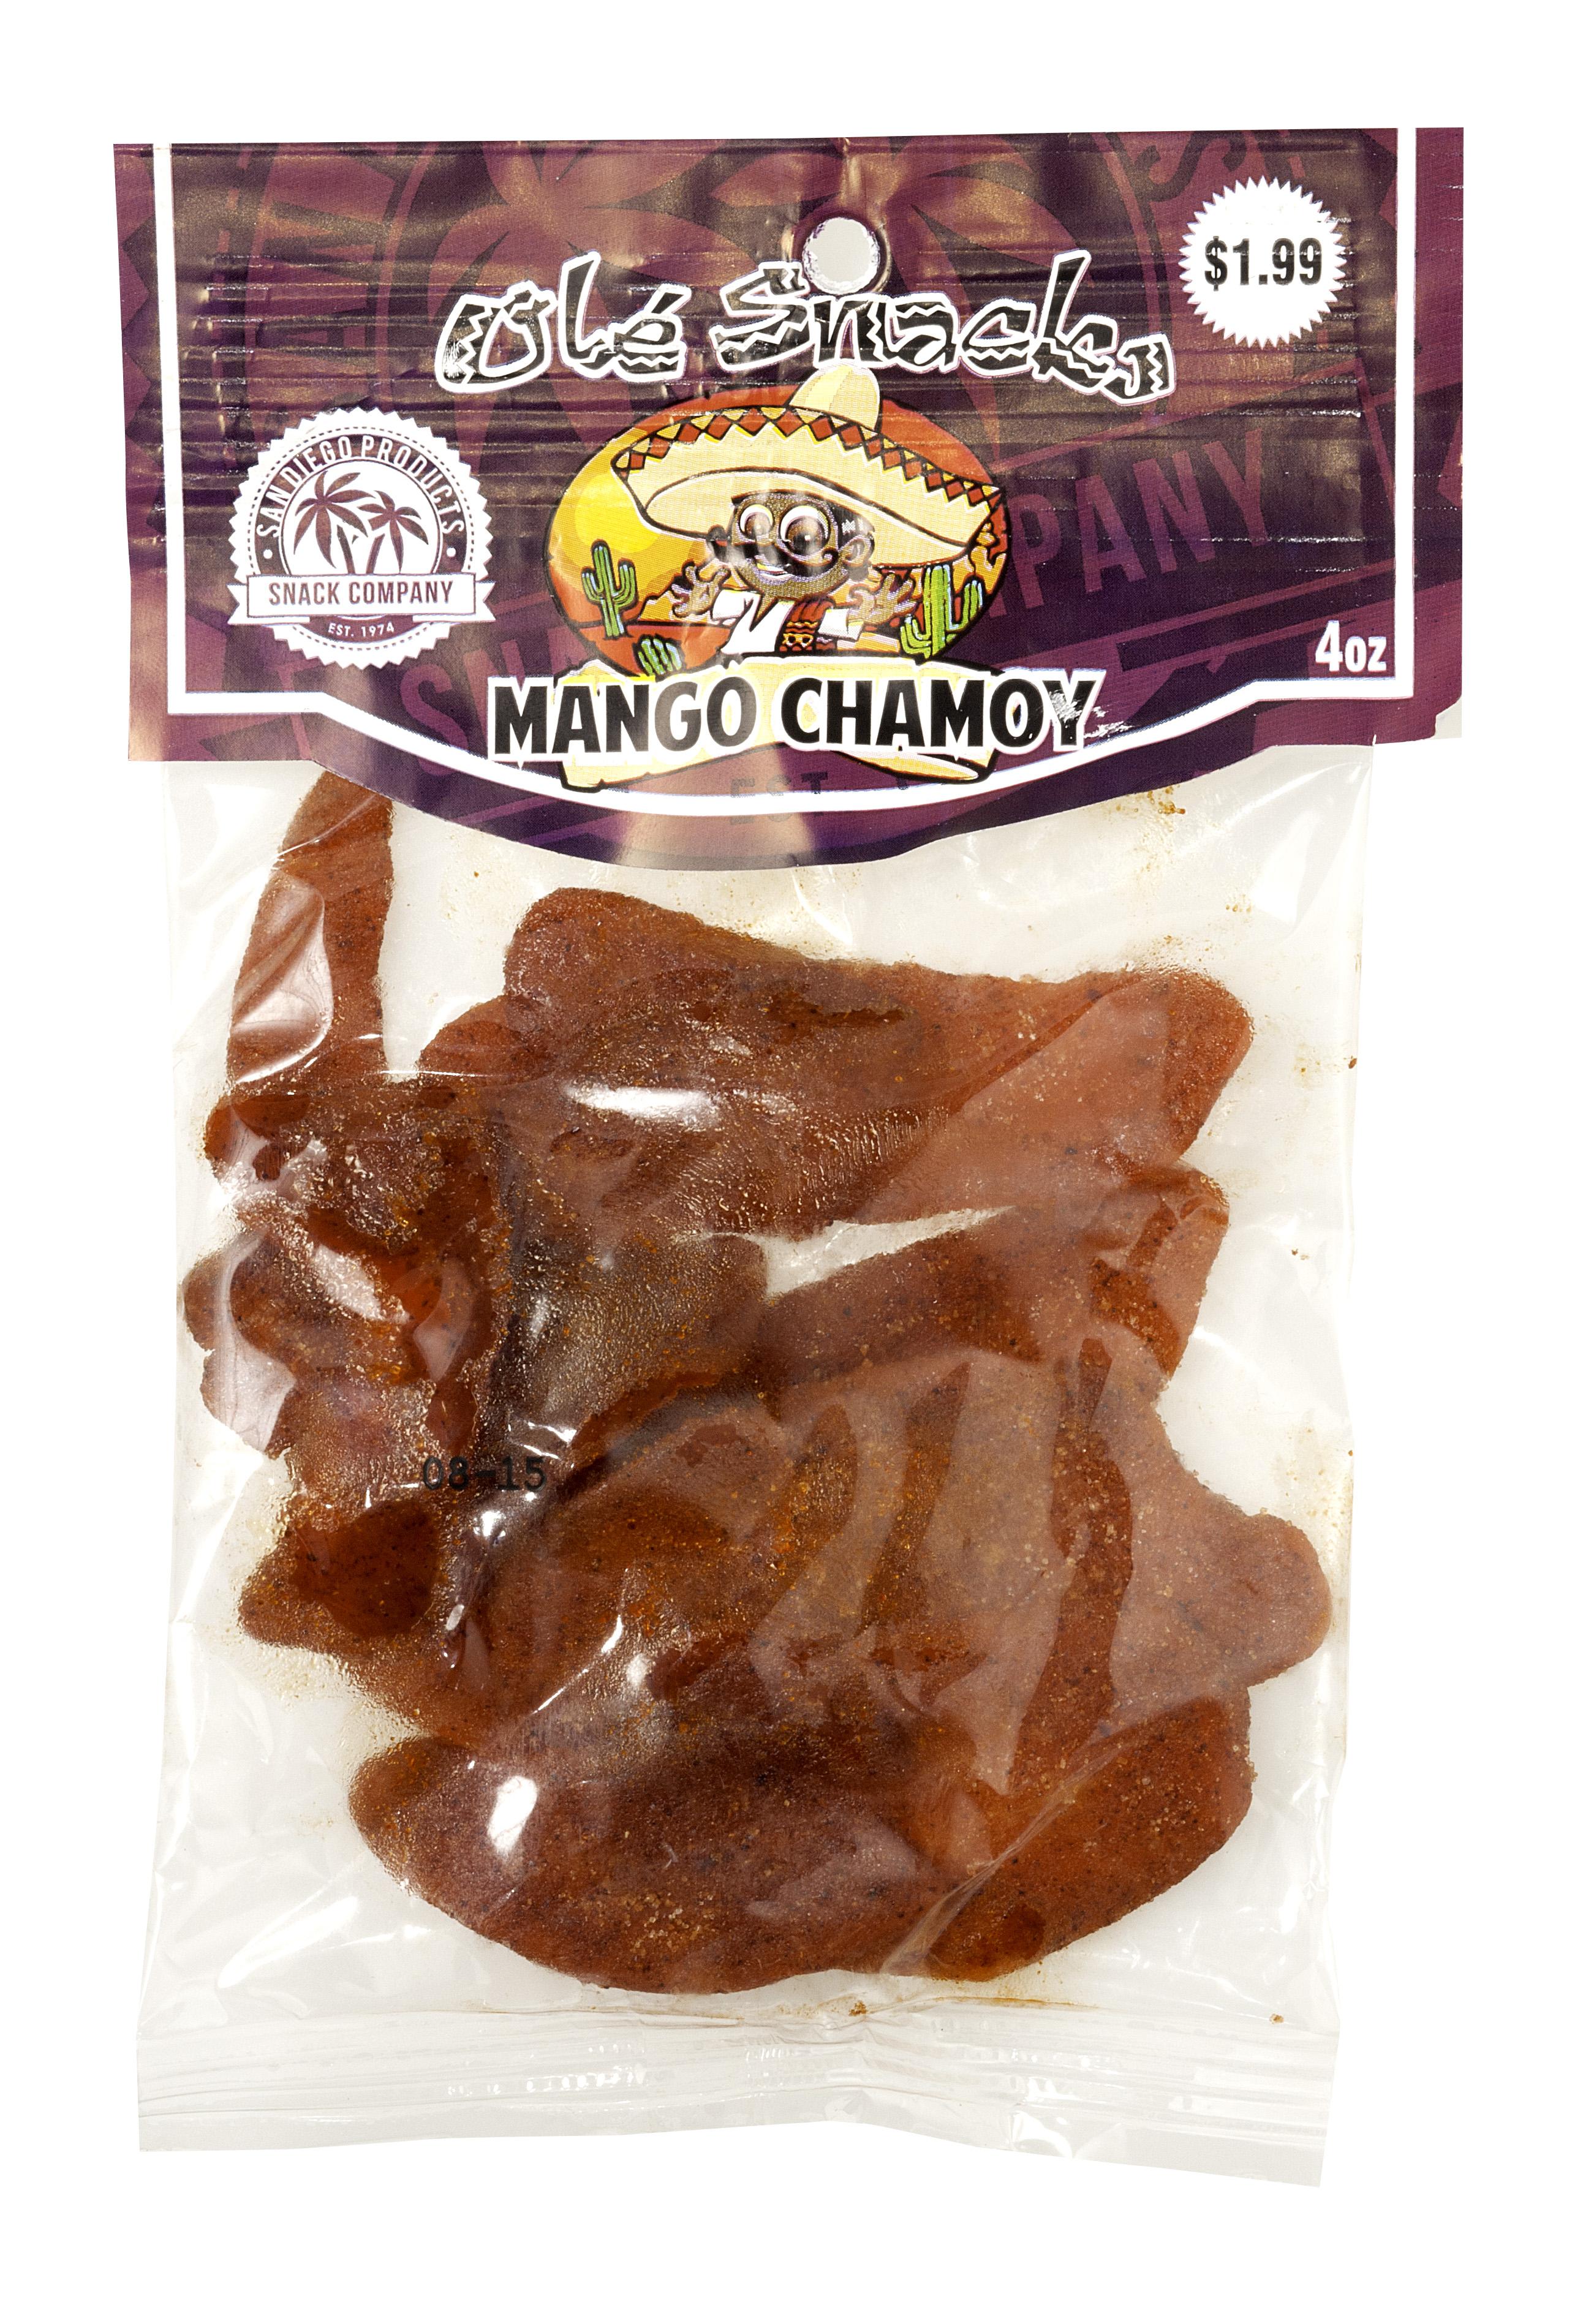 ole snacks mango chamoy